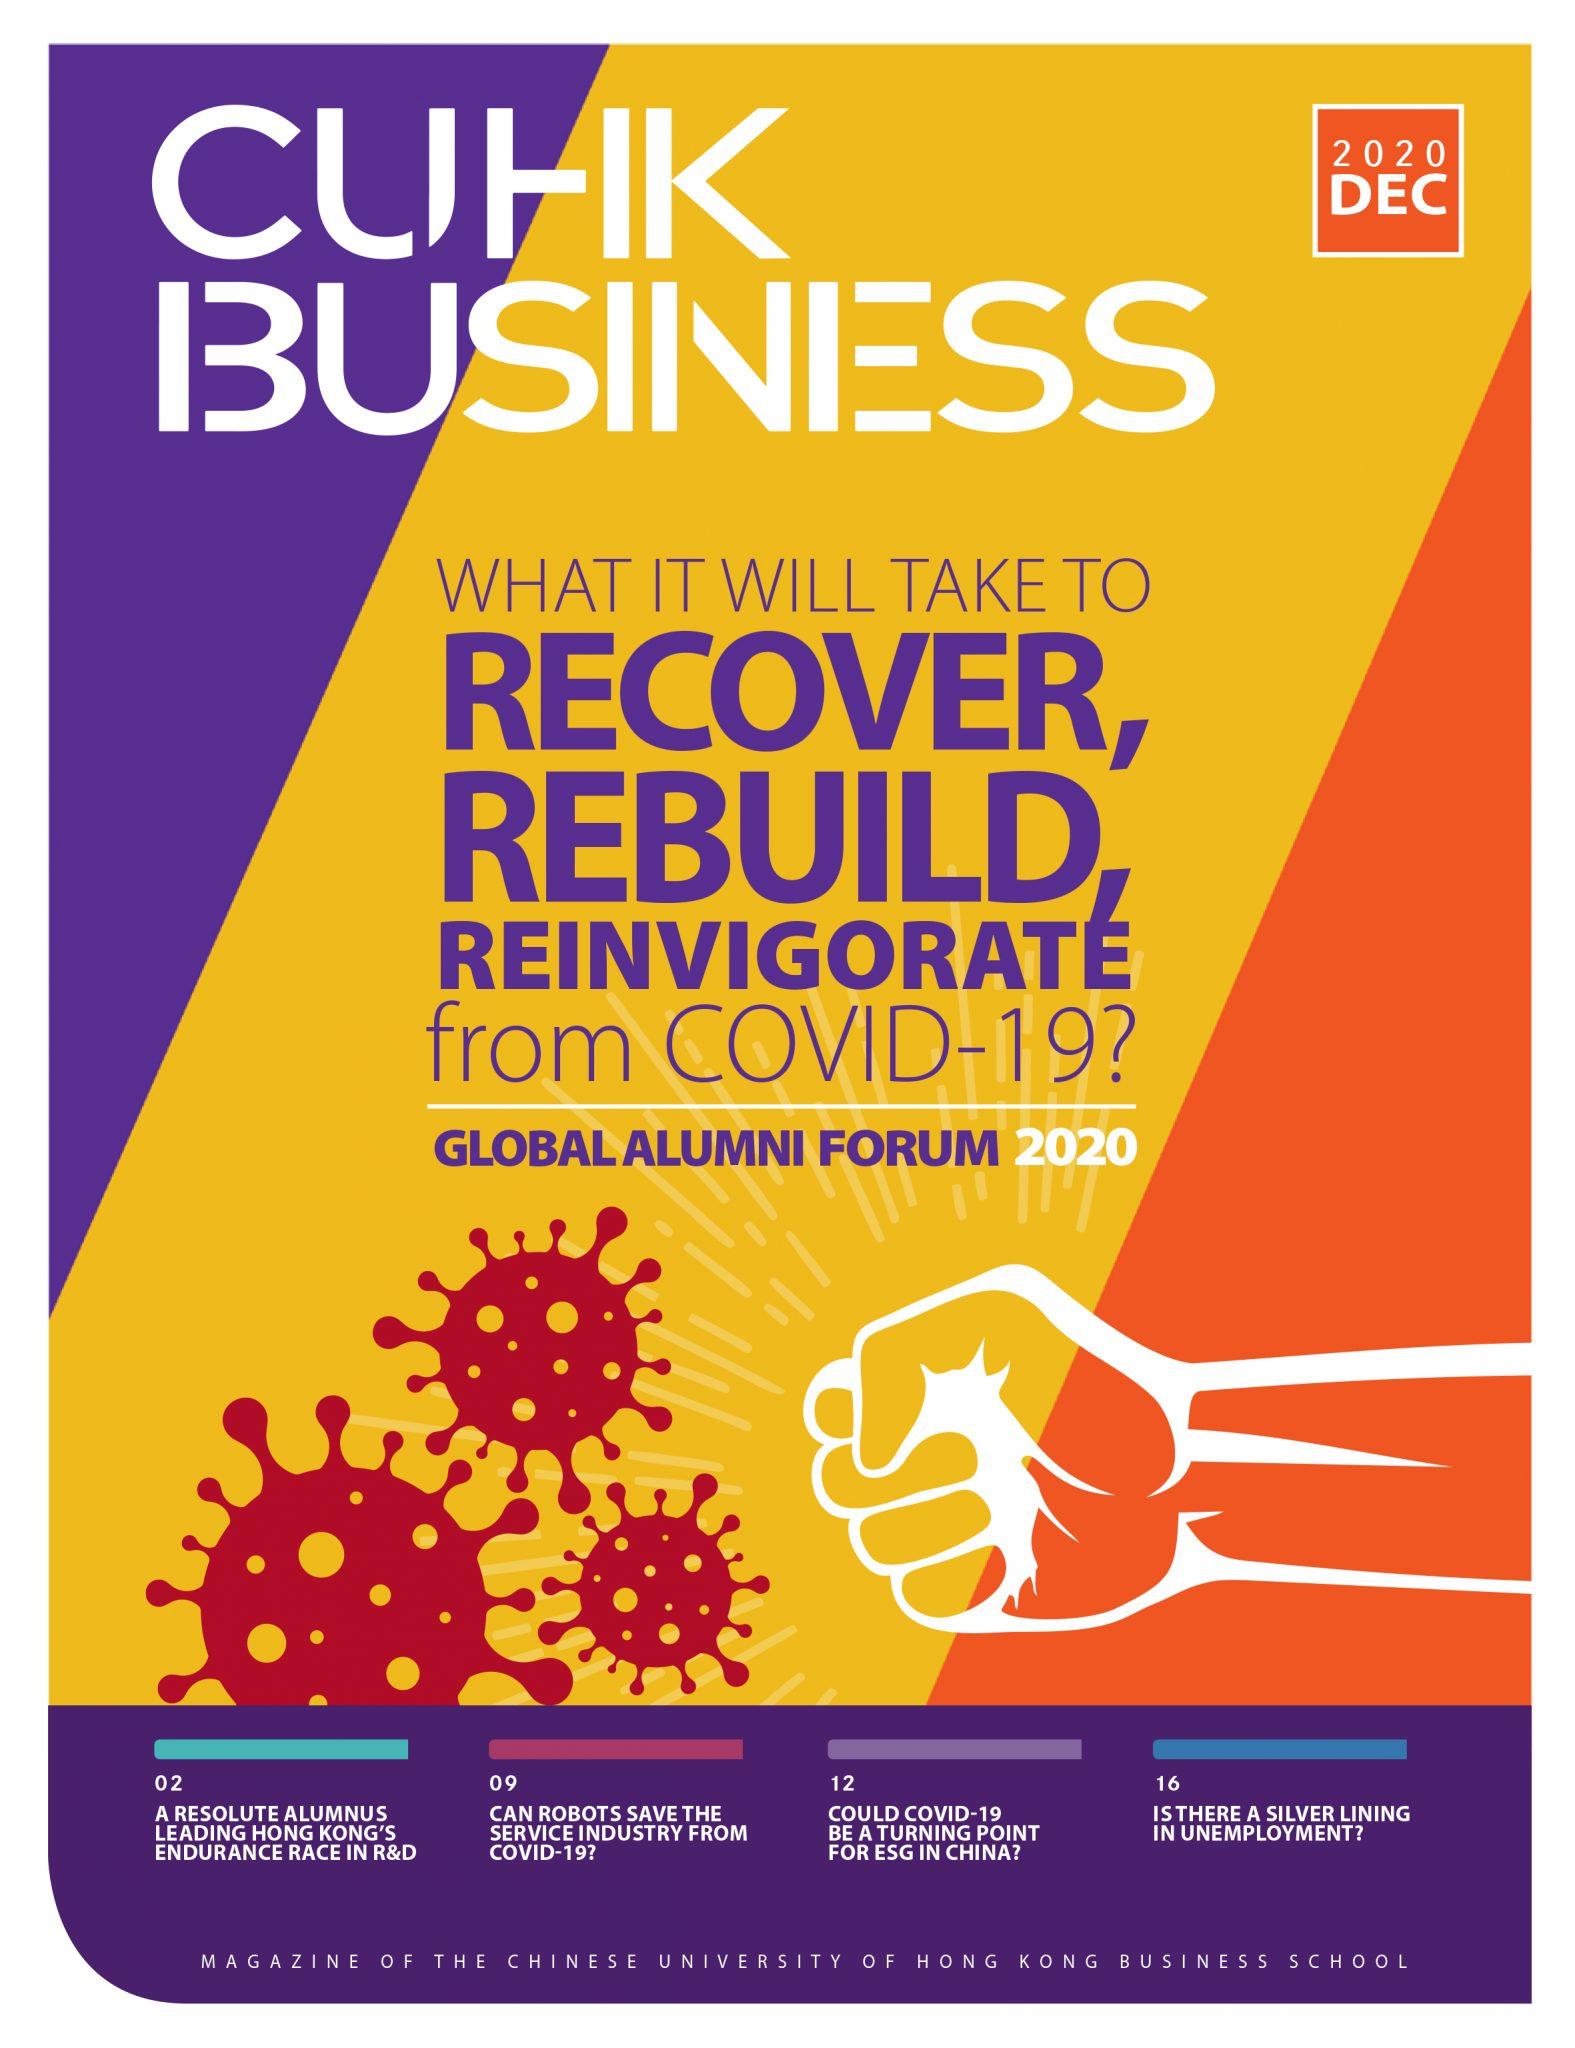 CUHK Business (Dec 2020) Cover